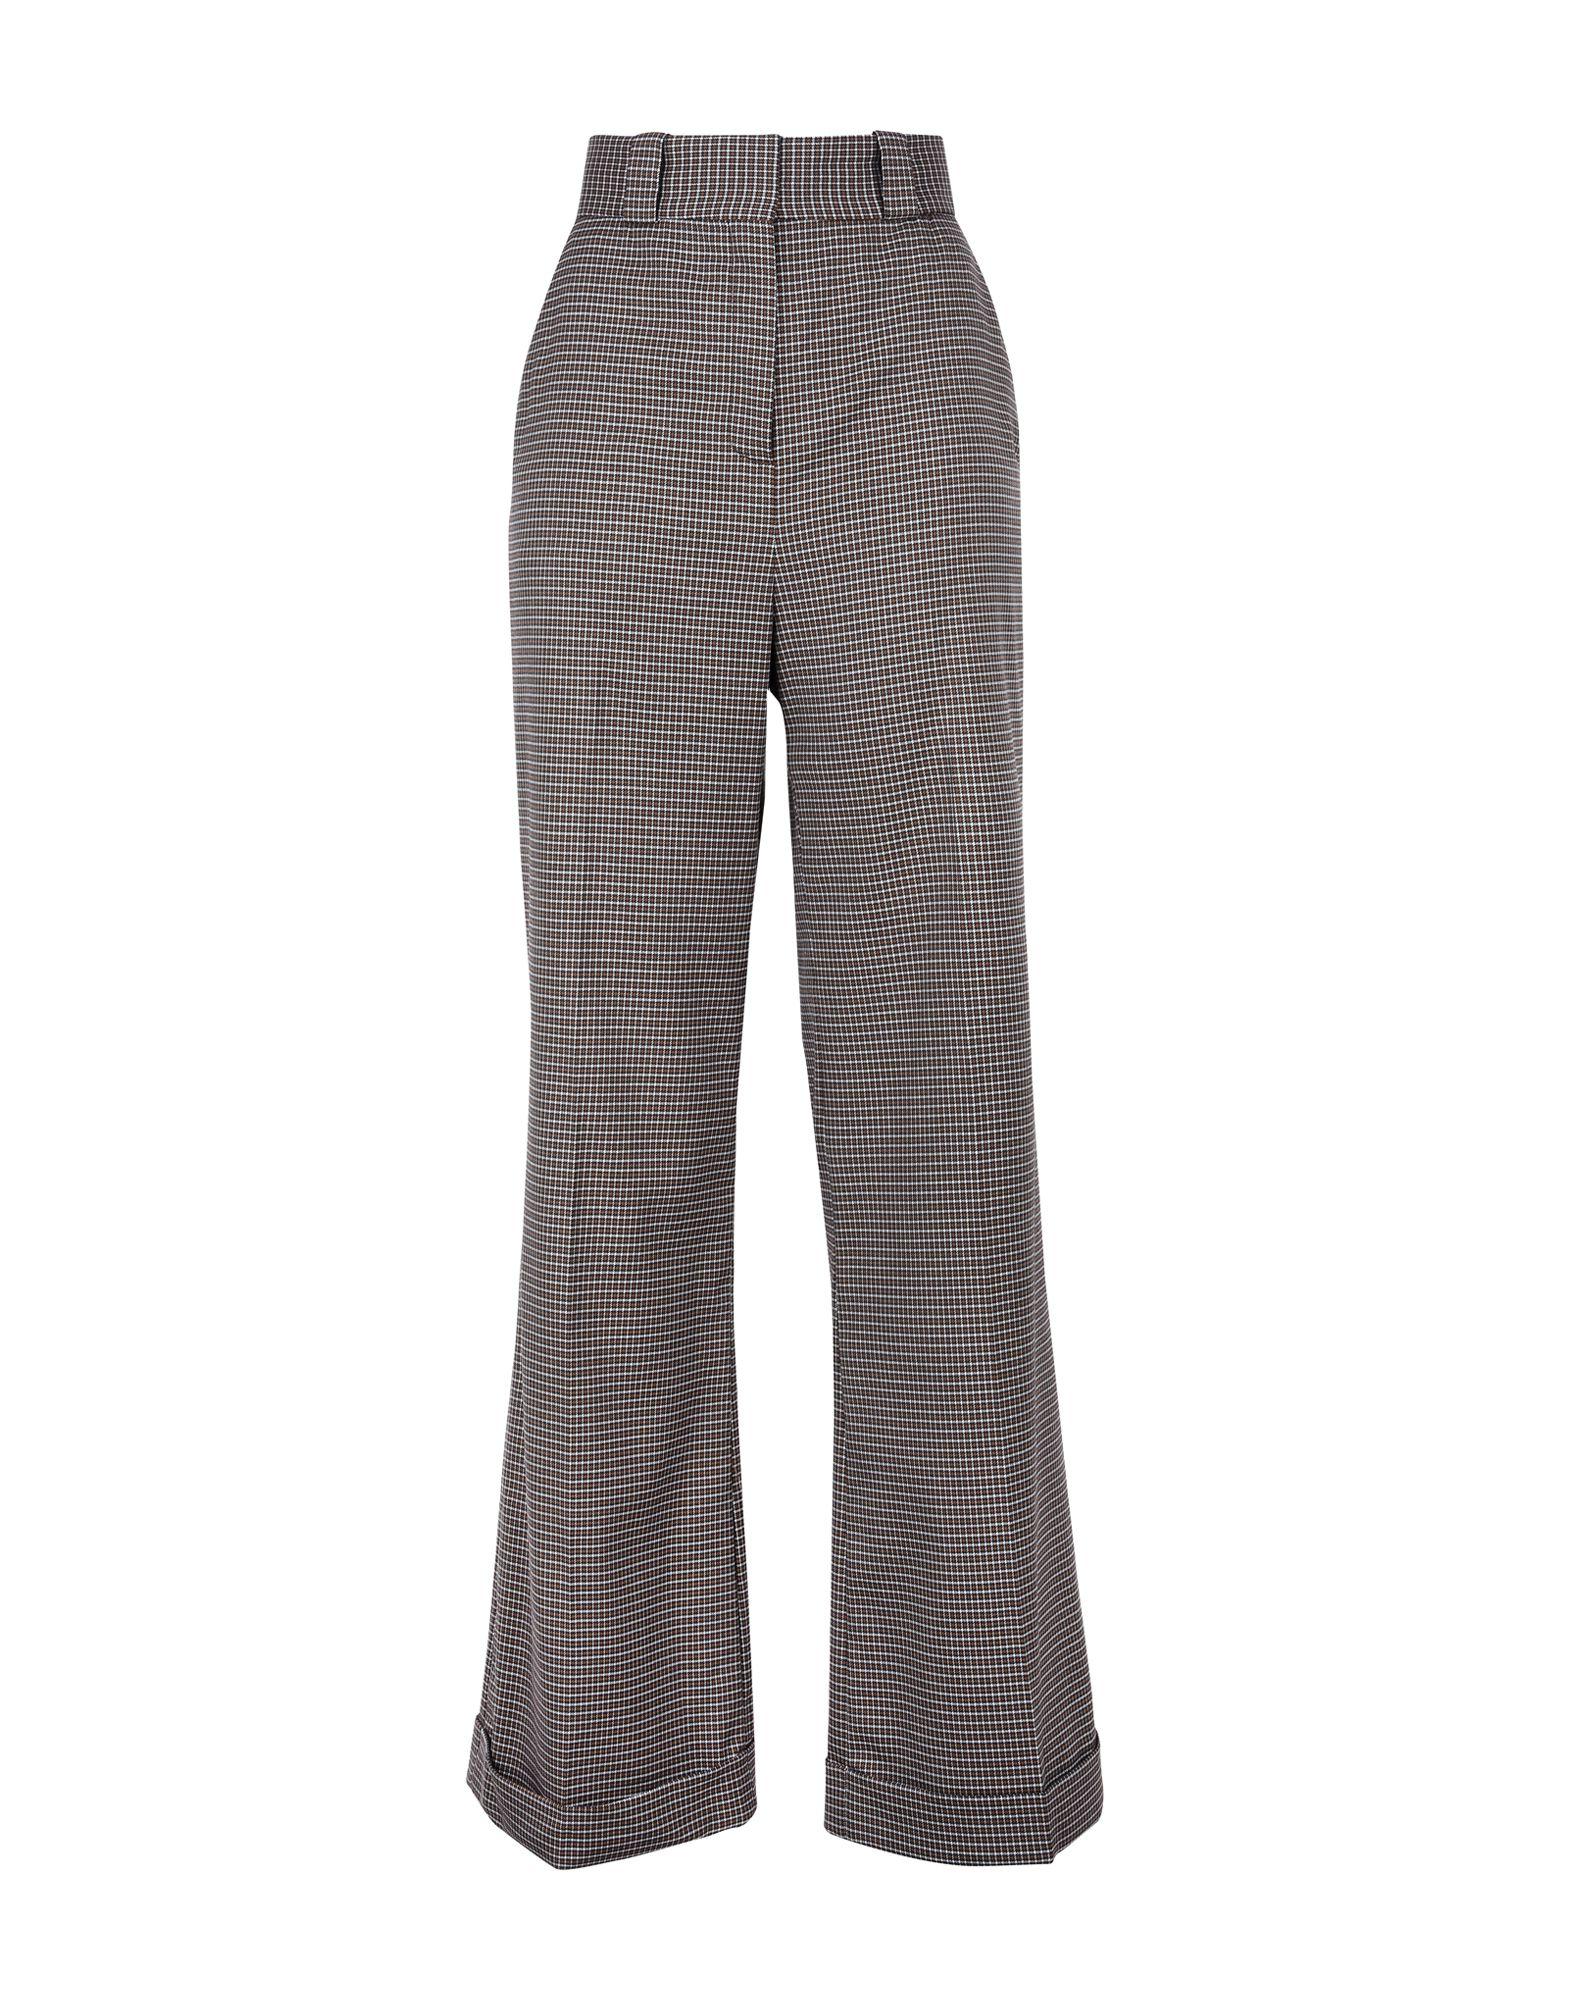 SEE BY CHLOÉ Повседневные брюки брюки широкие с принтом в клетку виши